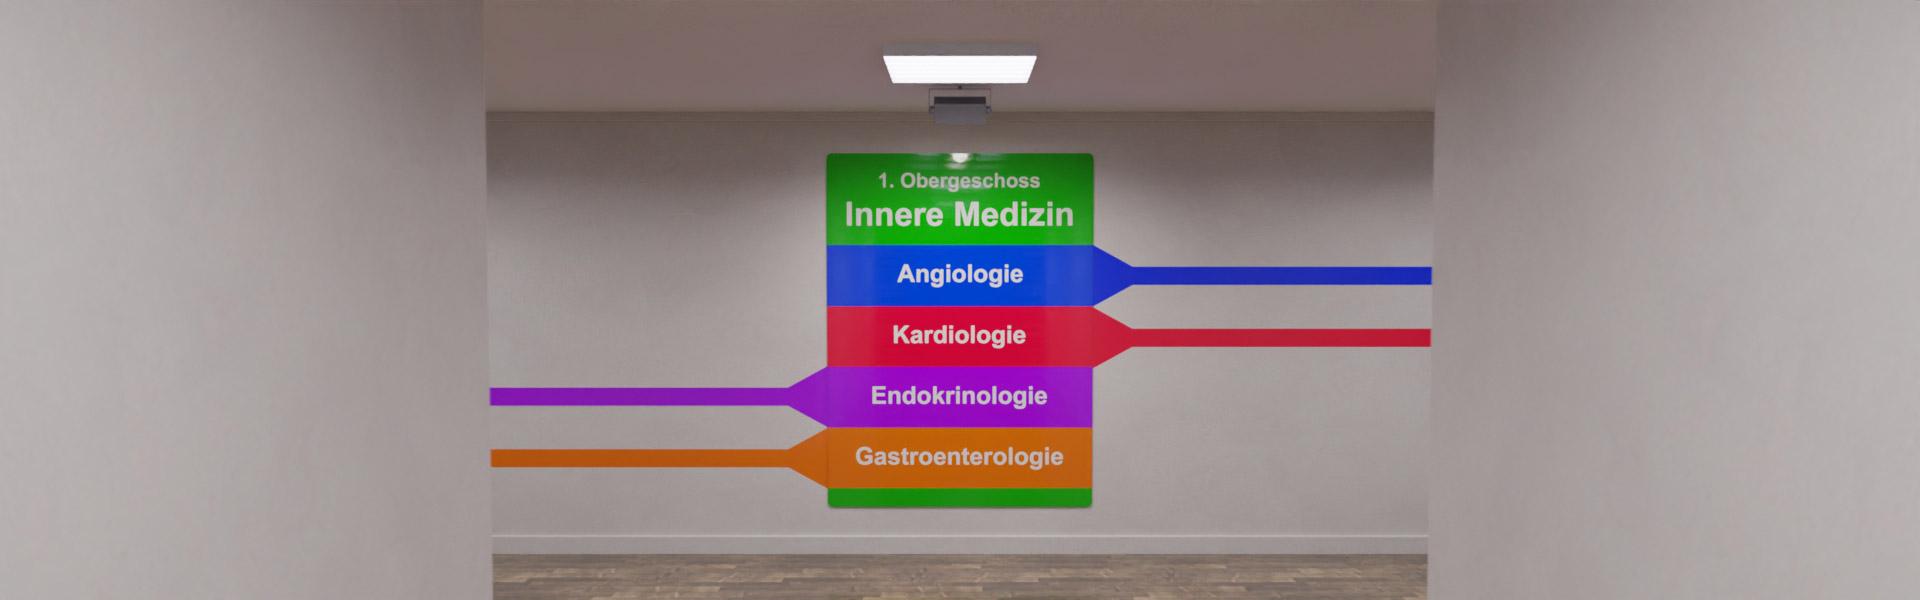 Beispiel eines Wegeleitsystems wie es in Krankenhäusern verwendet werden kann.